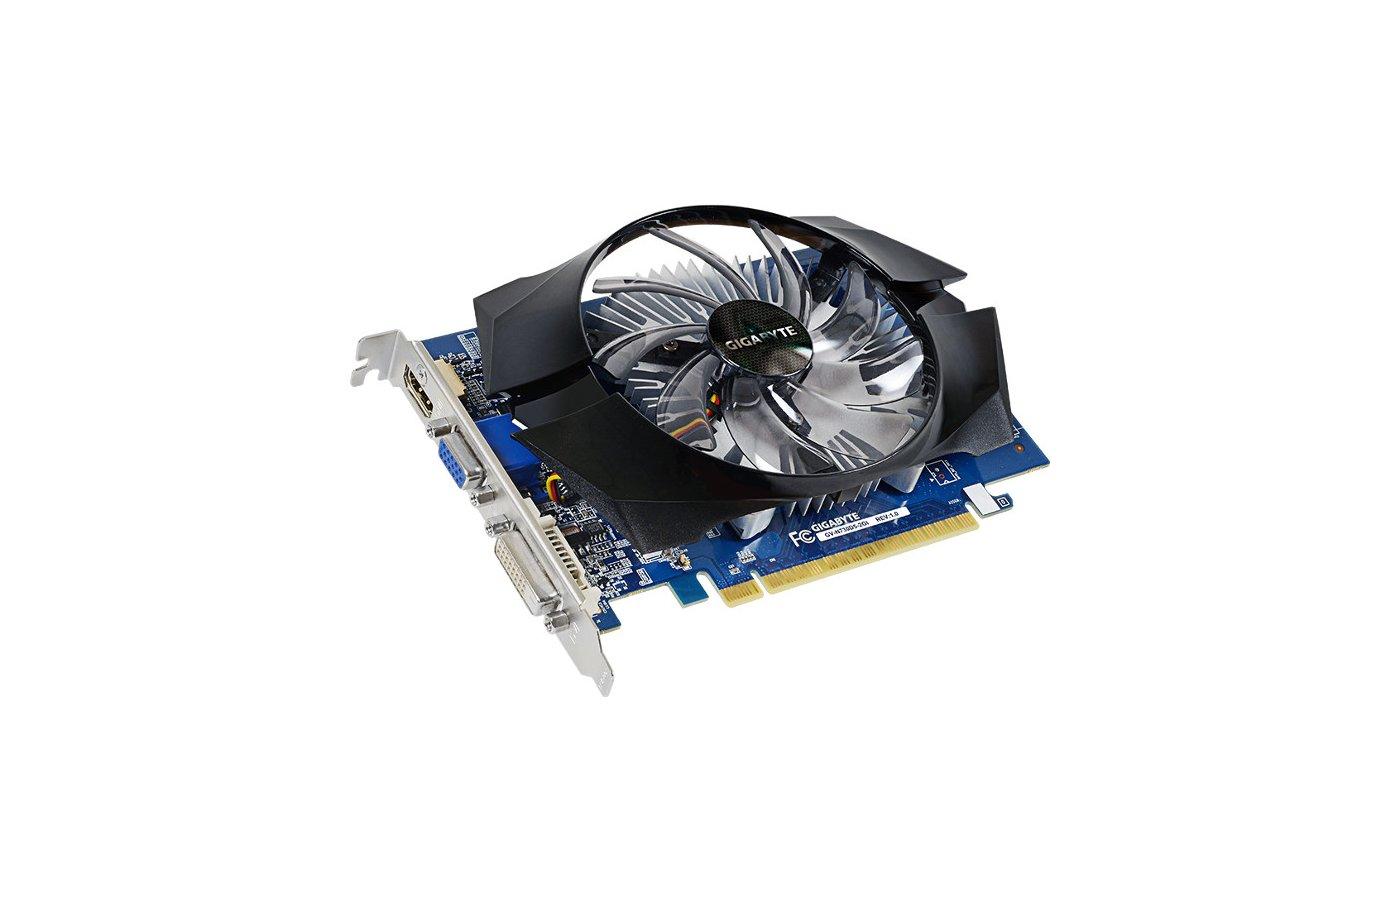 Видеокарта Gigabyte PCI-E GV-N730D5-2GI nVidia GeForce GT 730 2048Mb 64bit Ret